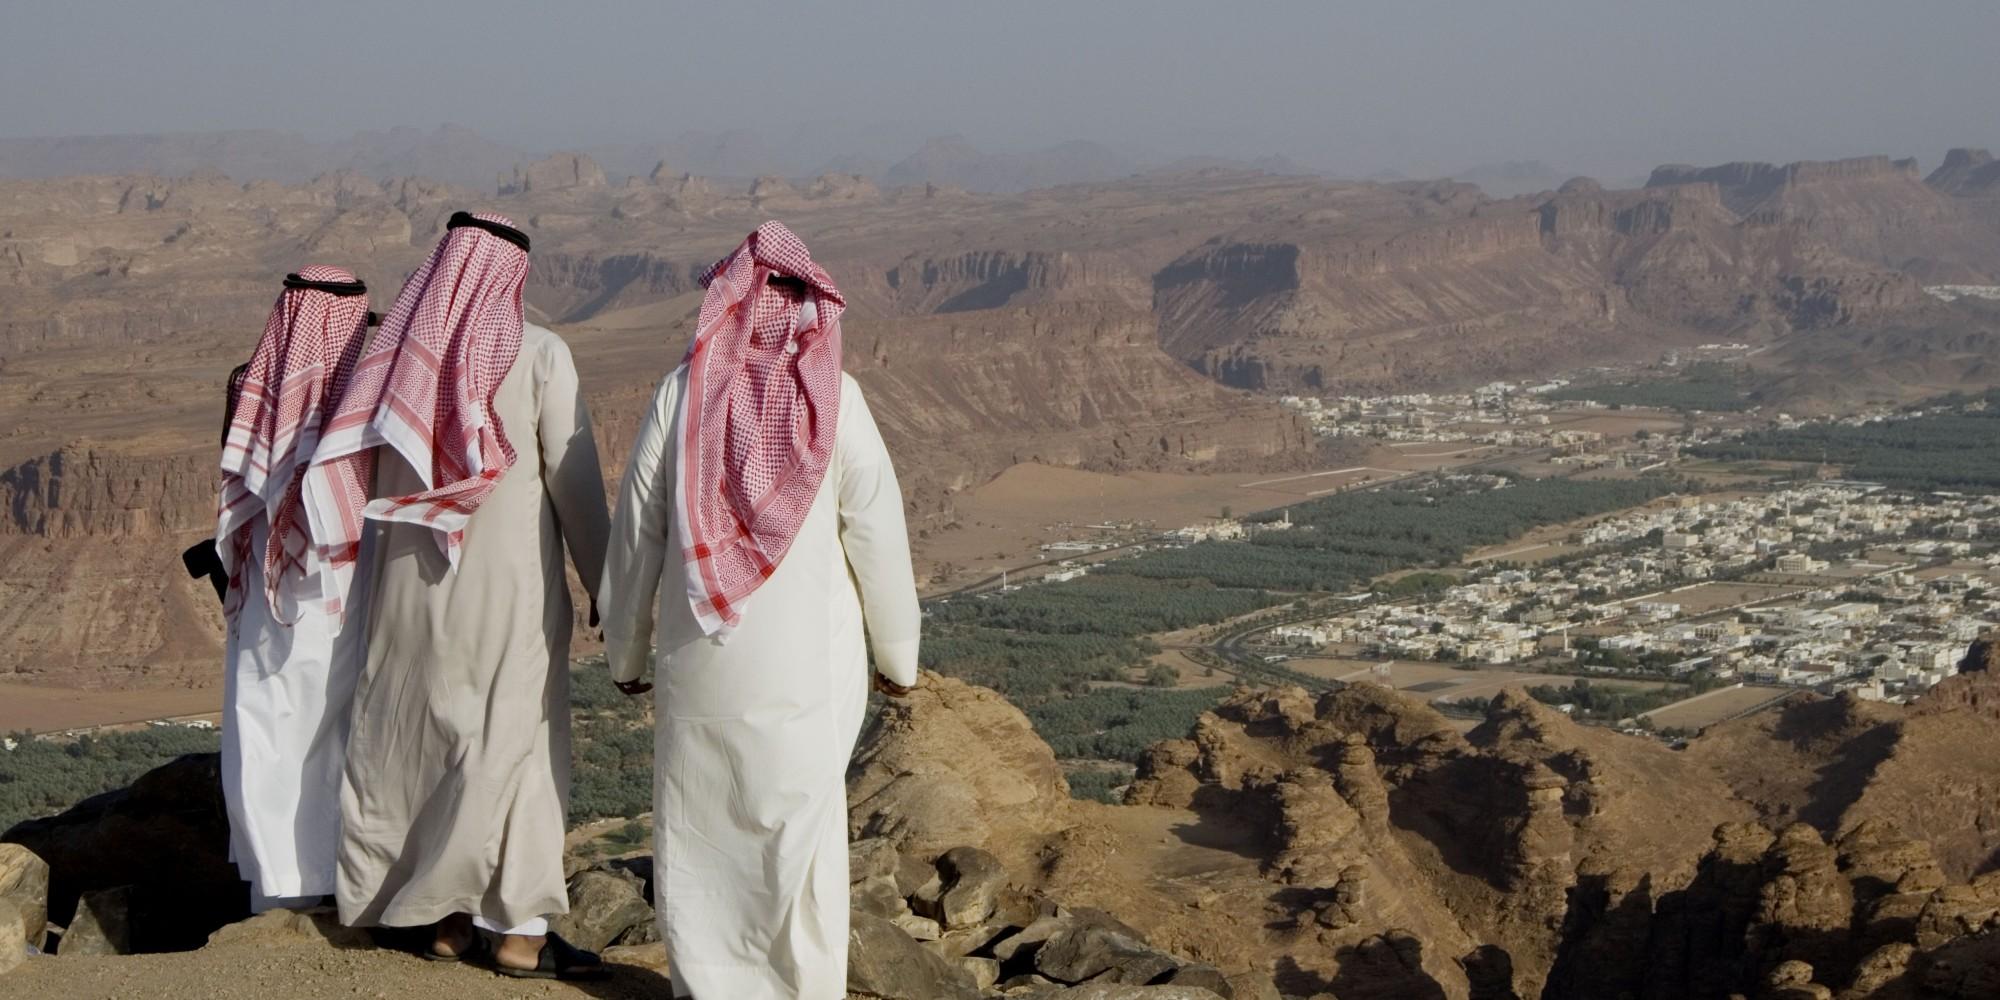 The Royal Embassy of Saudi Arabia